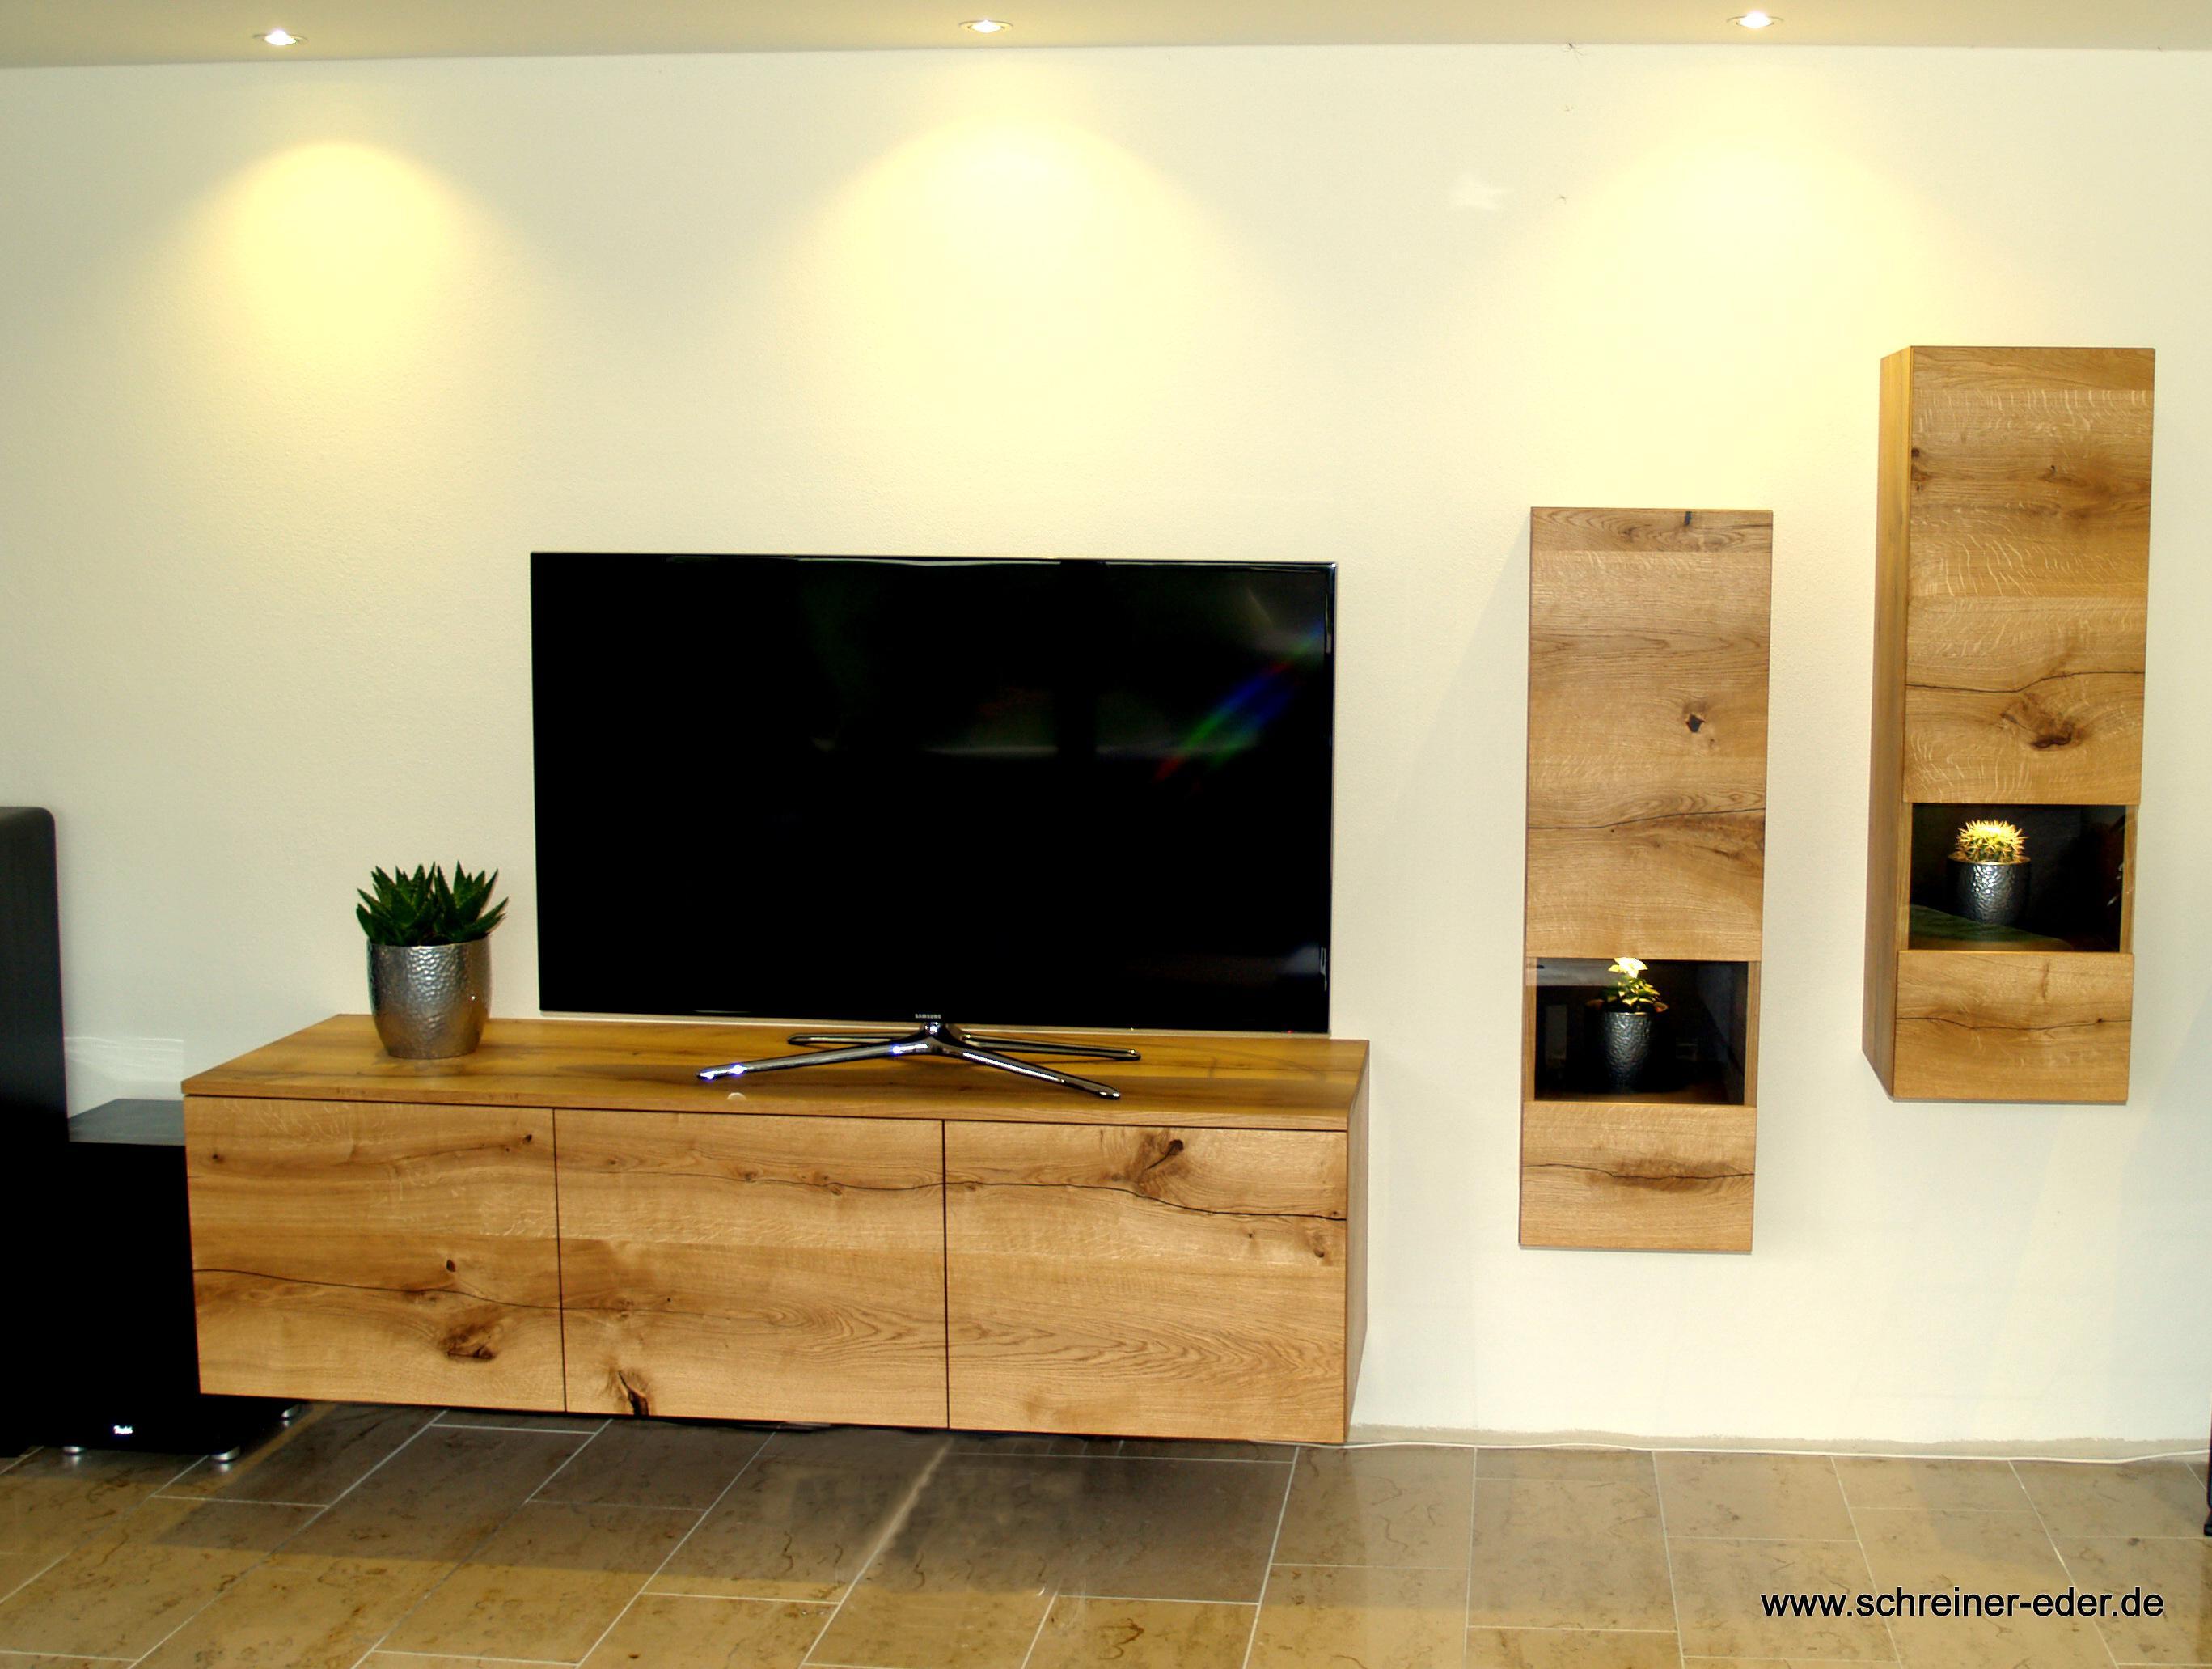 Gut Wohnzimmermöbel #holzmöbel #wohnzimmer #sideboard ©Schreinerei Eder /  Hermann Eder